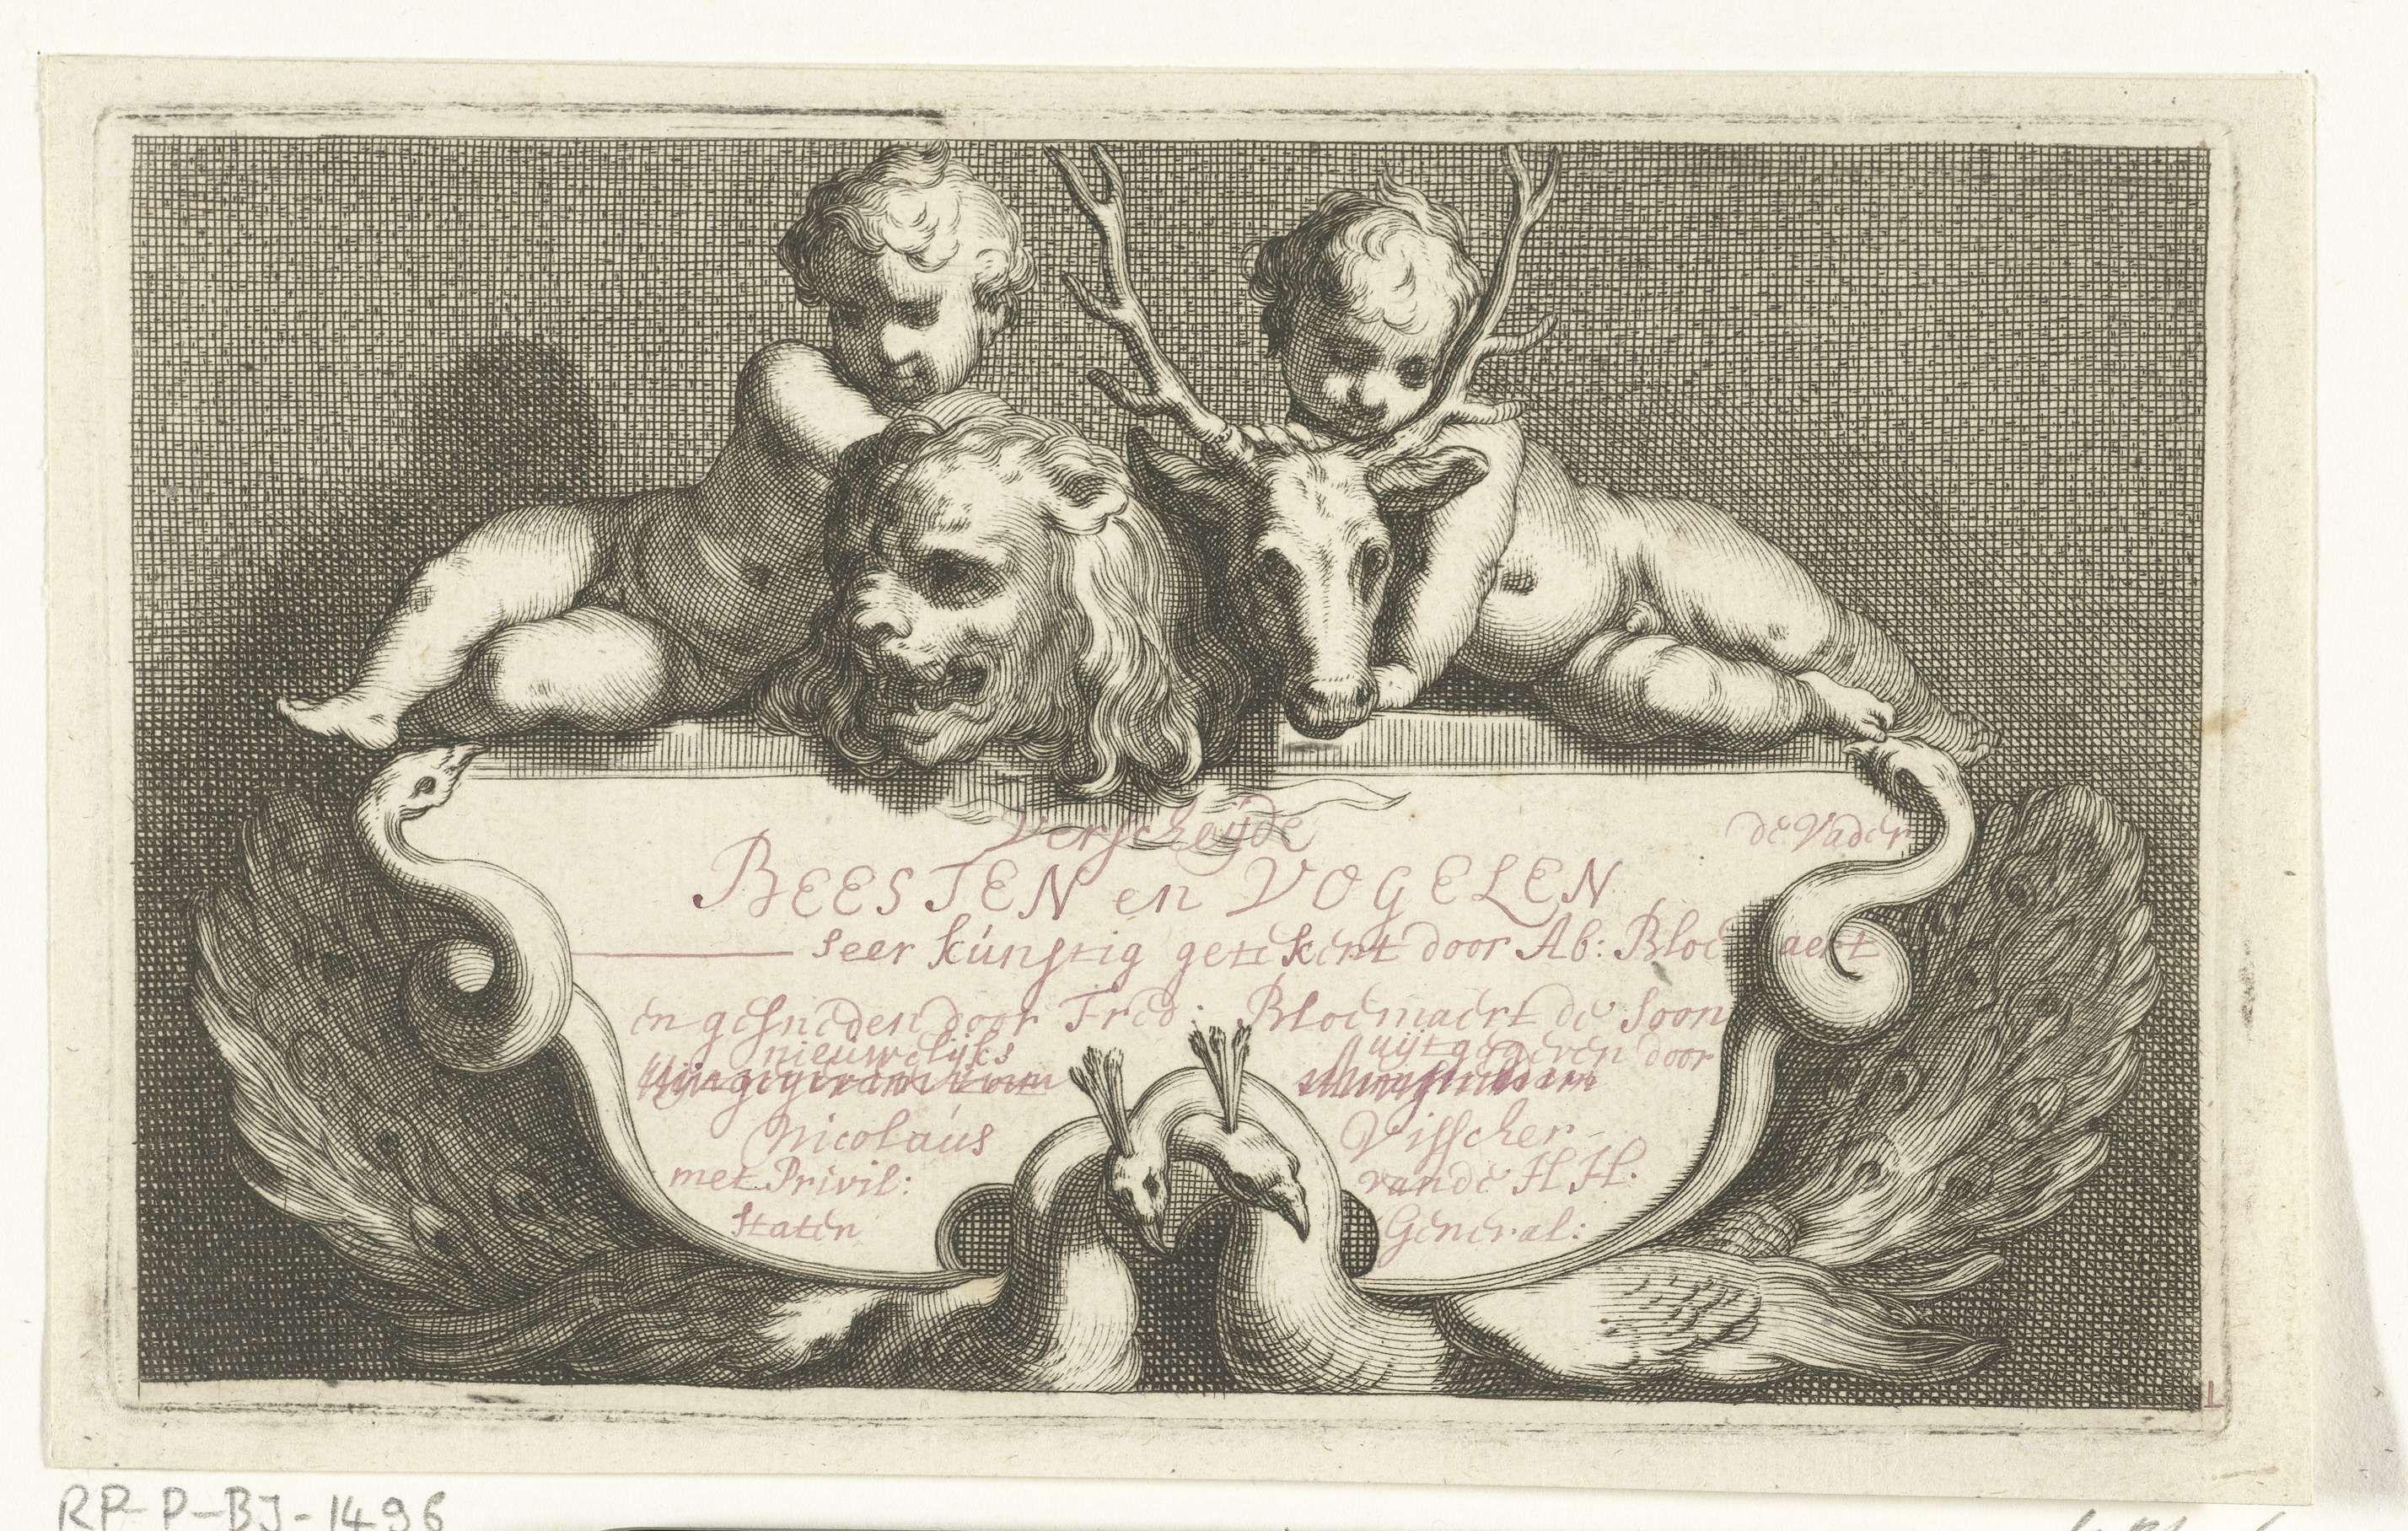 Frederick Bloemaert | Kinderen en dieren, Frederick Bloemaert, na 1635 | Een bord met Nederlandse tekst wordt gedragen door slangen en pauwen. Boven het tekstbord een leeuw en een hert met twee kleine kinderen. Titelprent voor een serie van 14 prenten met verschillende inheemse dieren.